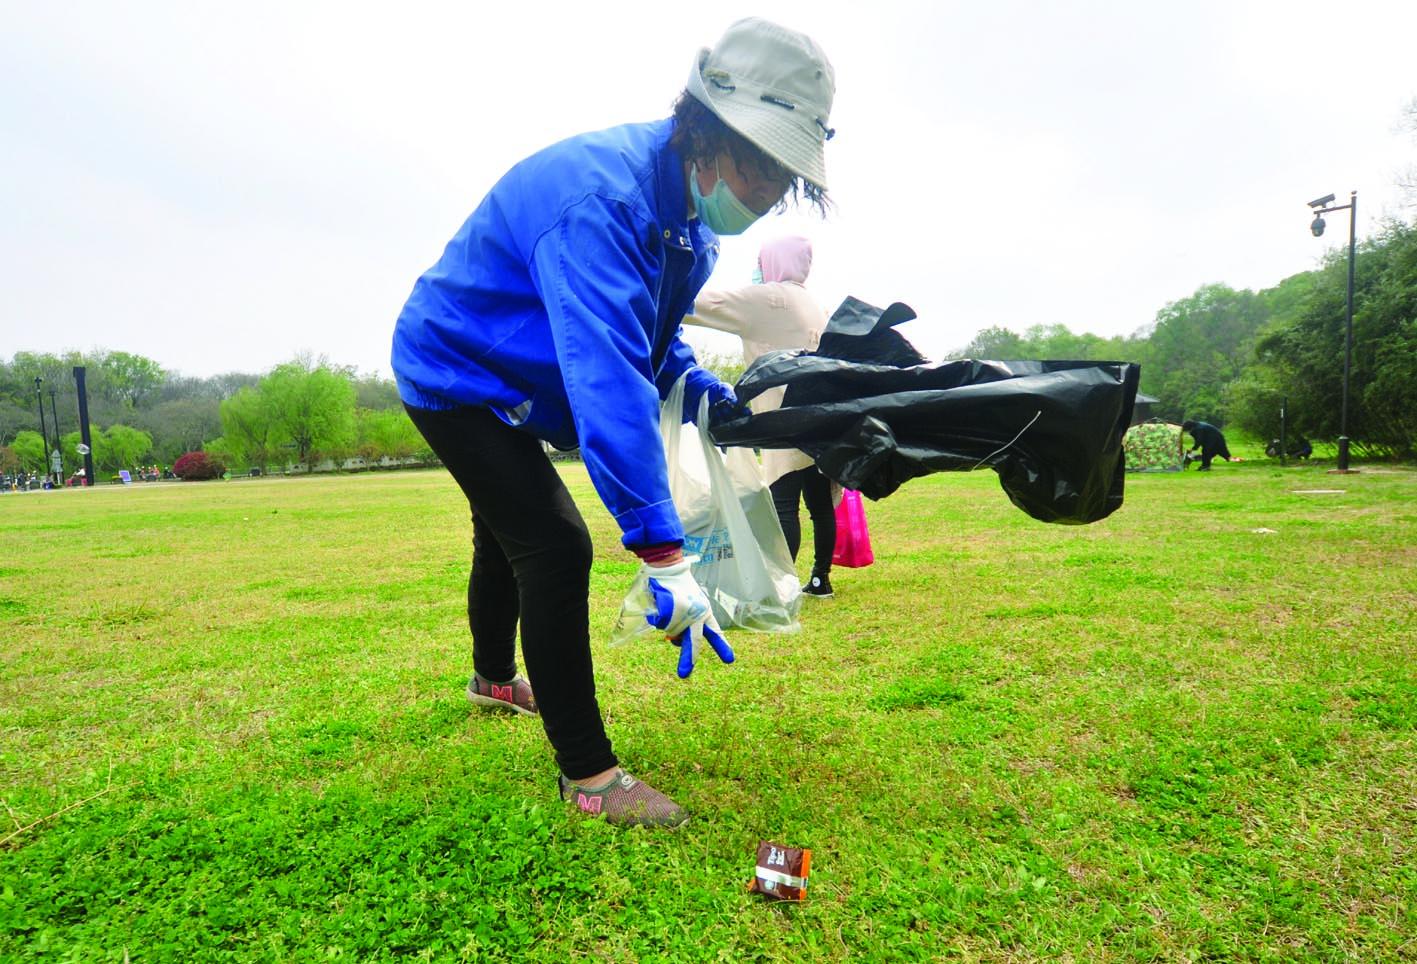 草坪上的环卫工,每天捡垃圾一吨